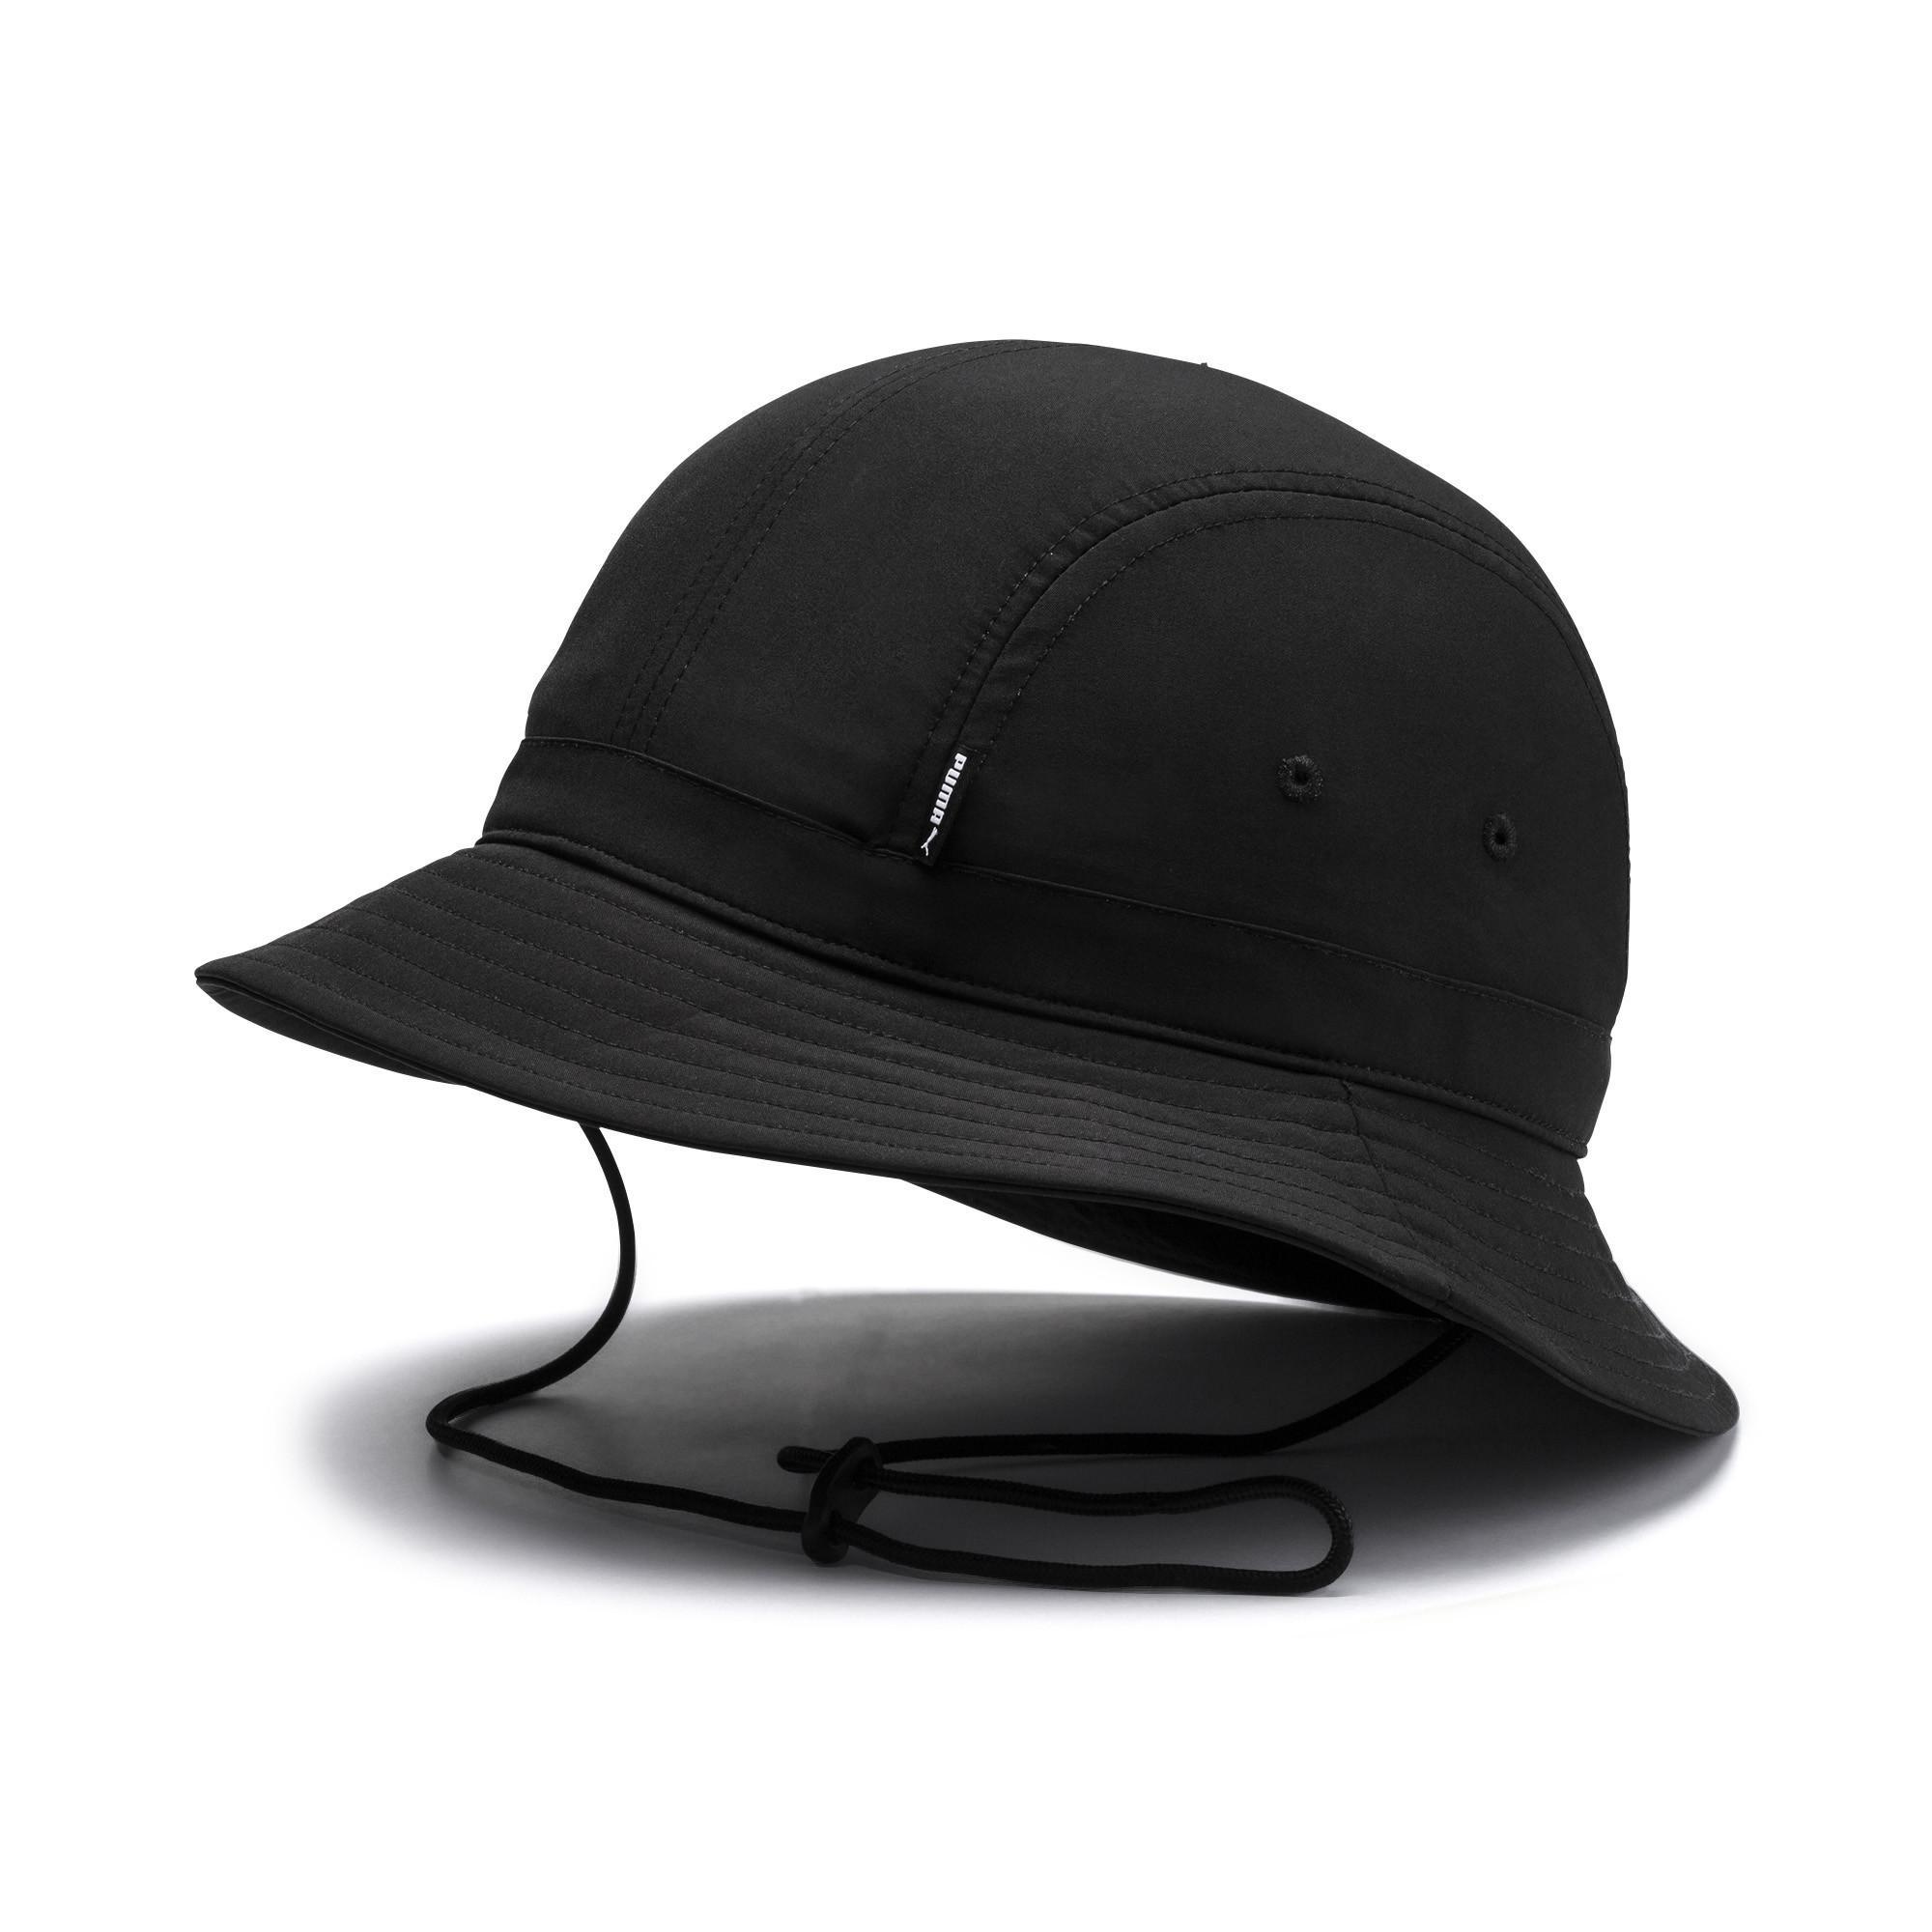 PUMA - Black Archive Bucket Hat - Lyst. View fullscreen 9b34f8f02d0d